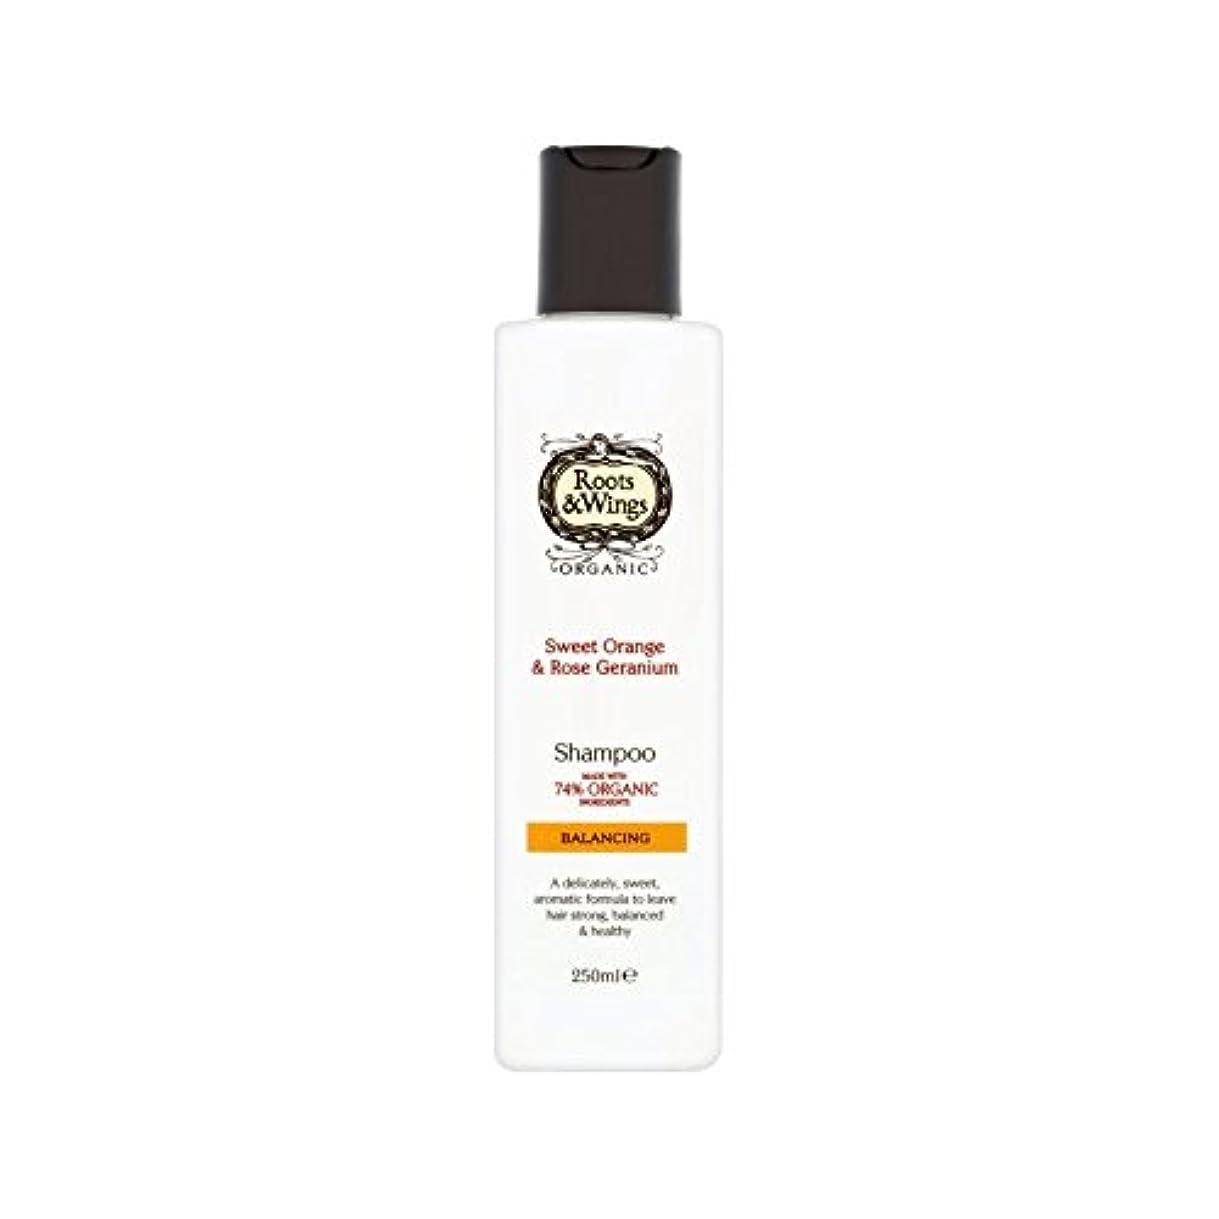 ナビゲーション慎重薄汚いスイートオレンジ&ゼラニウムのシャンプー250ミリリットルをバラ (Roots & Wings) - Roots & Wings Sweet Orange & Rose Geranium Shampoo 250ml [並行輸入品]